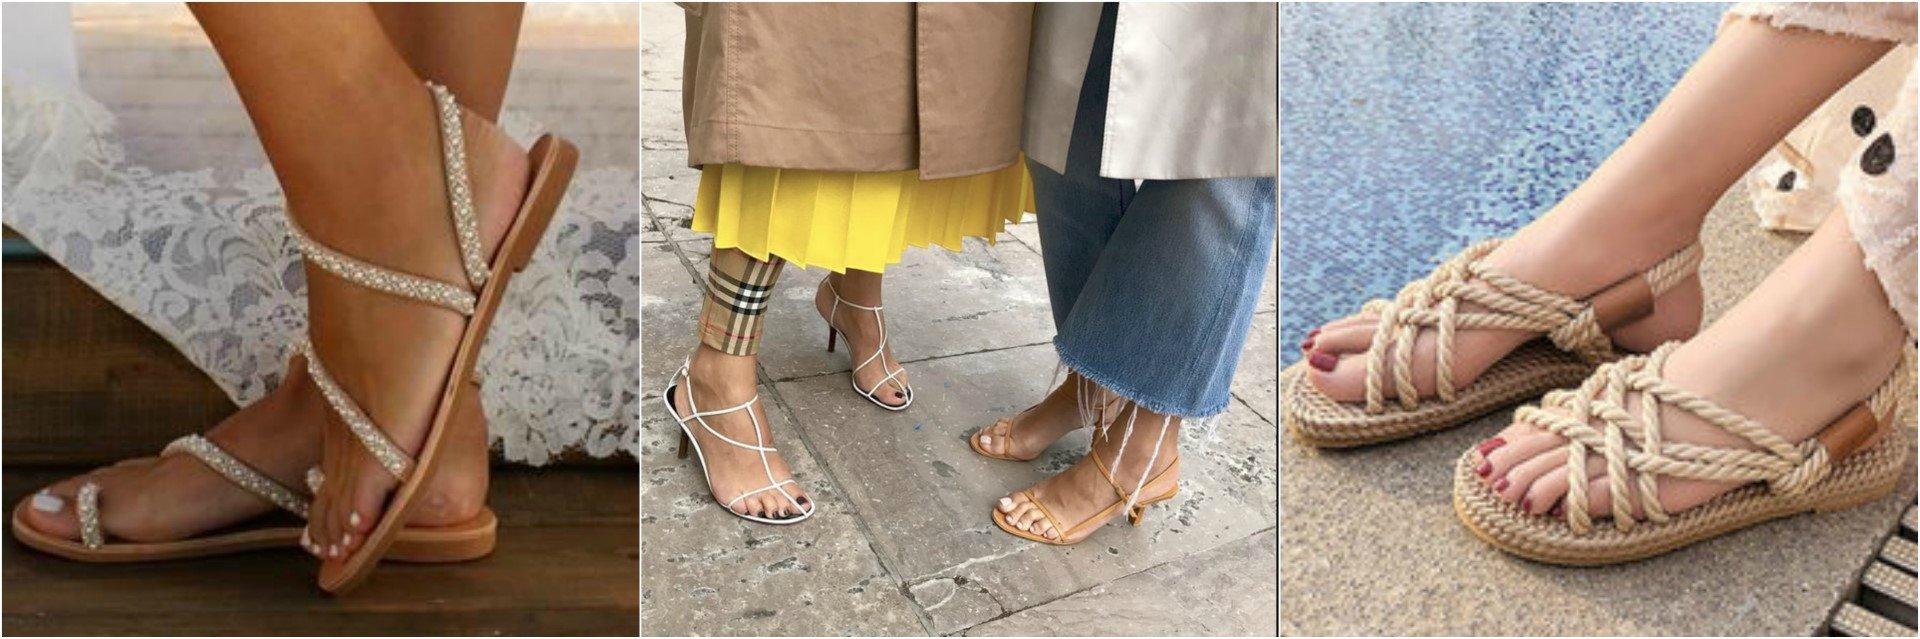 Η πιο safe επιλογή της παπουτσοθήκης σου είναι τα χαμηλά σανδάλια